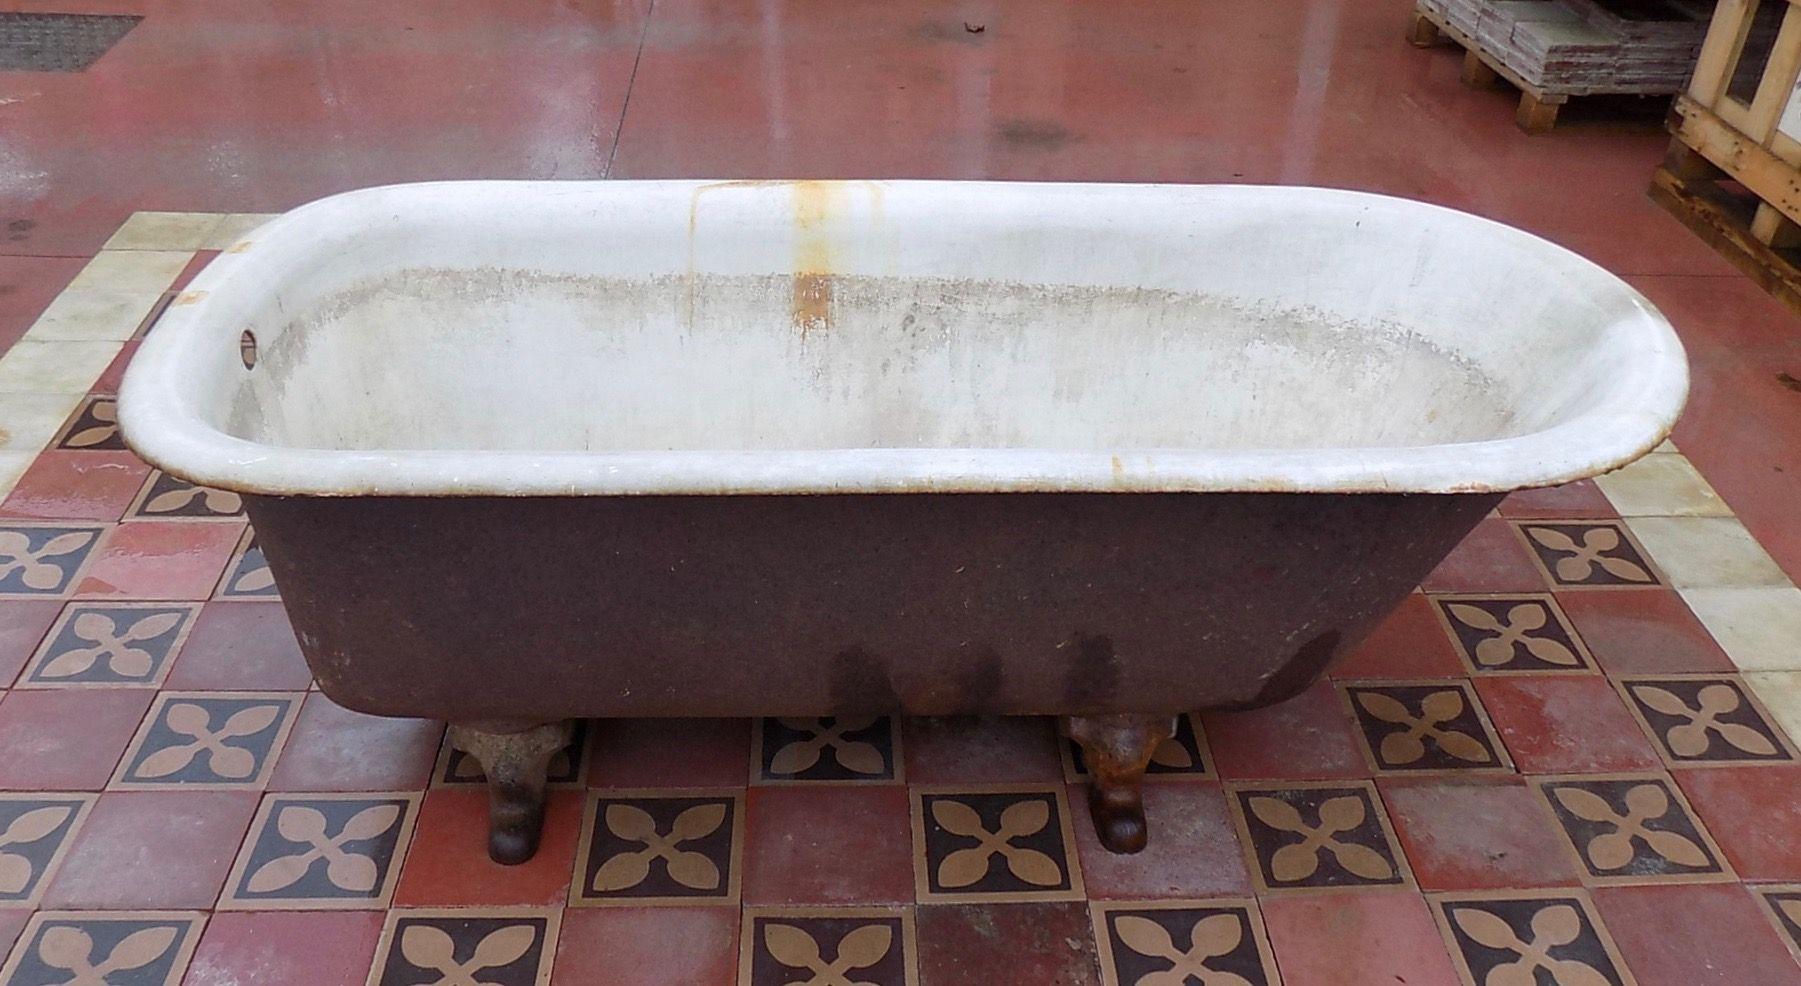 Vasca Da Bagno Piccola Con Piedini : Vasca da bagno in ghisa vecchia di recupero con i suoi piedini